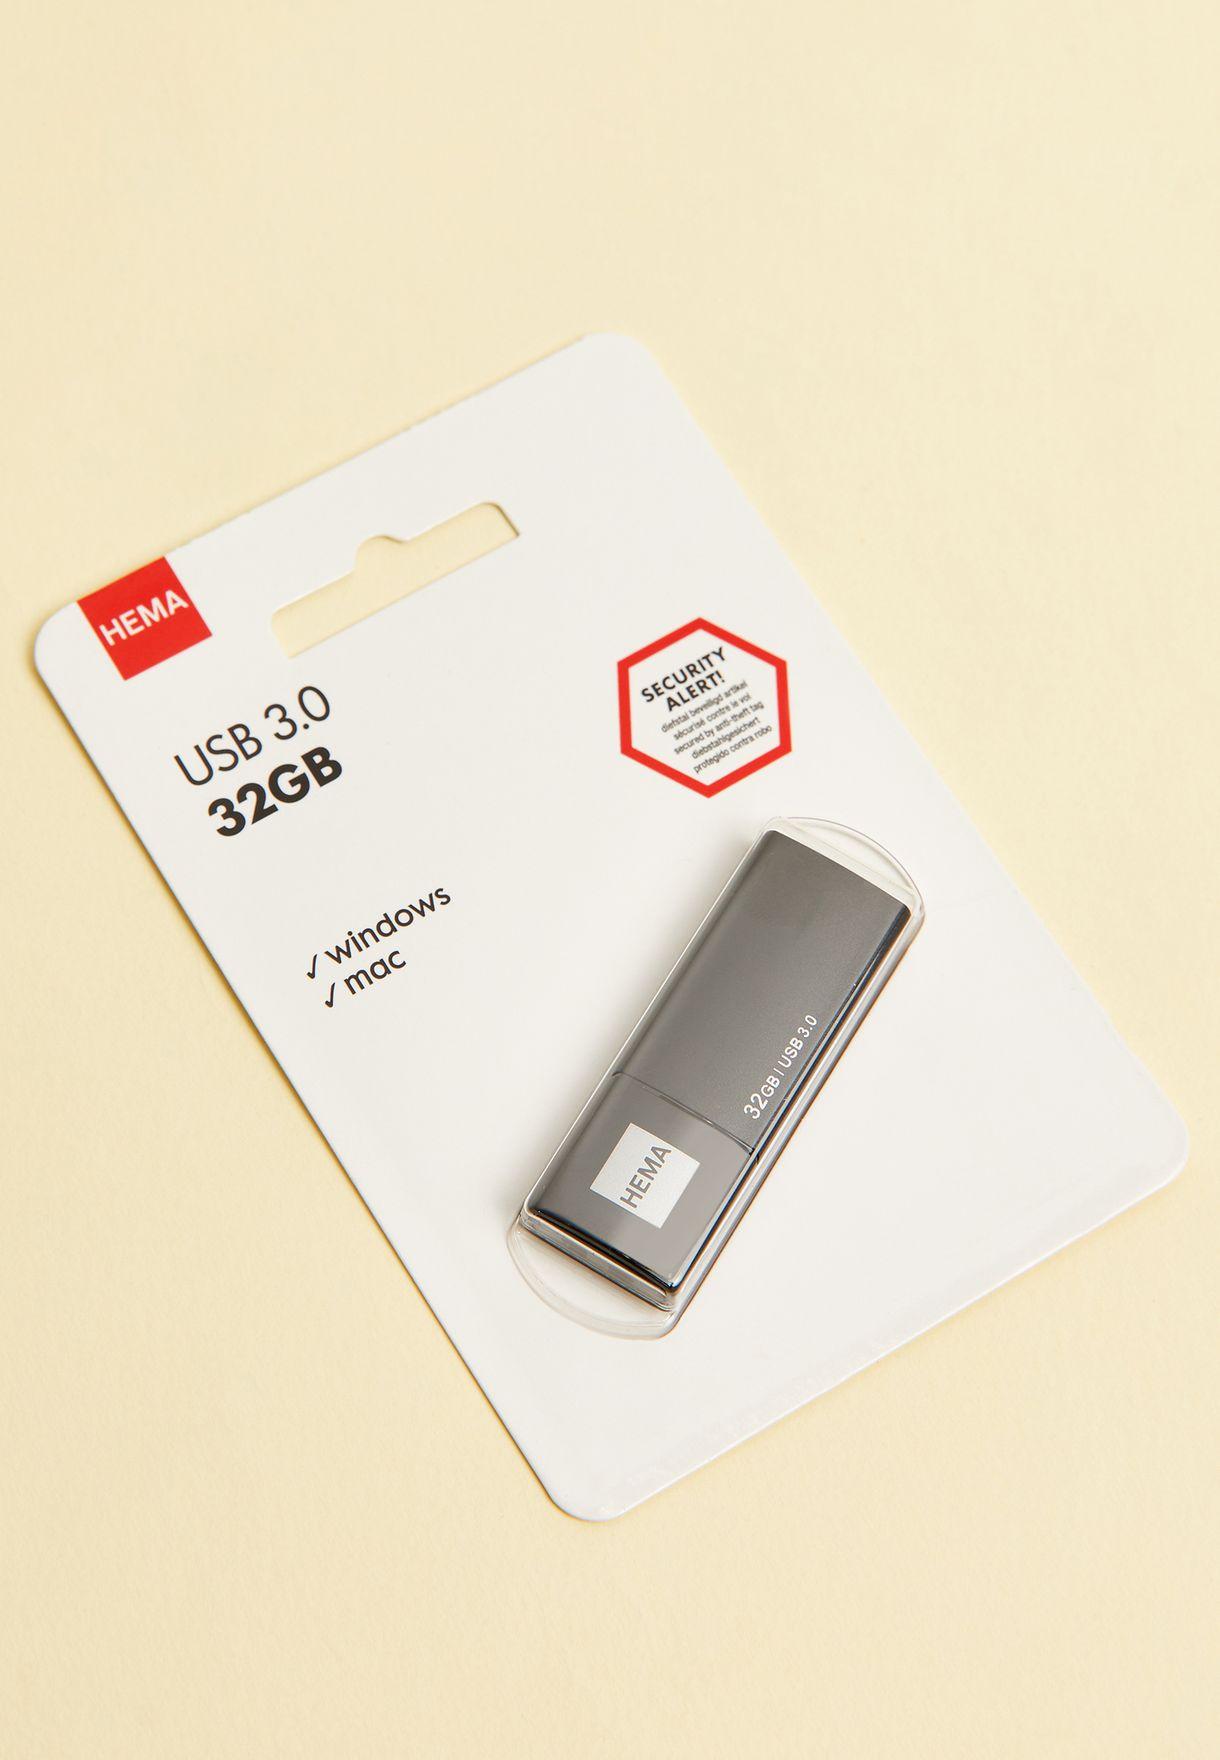 Black Usb Stick 3.0 32Gb